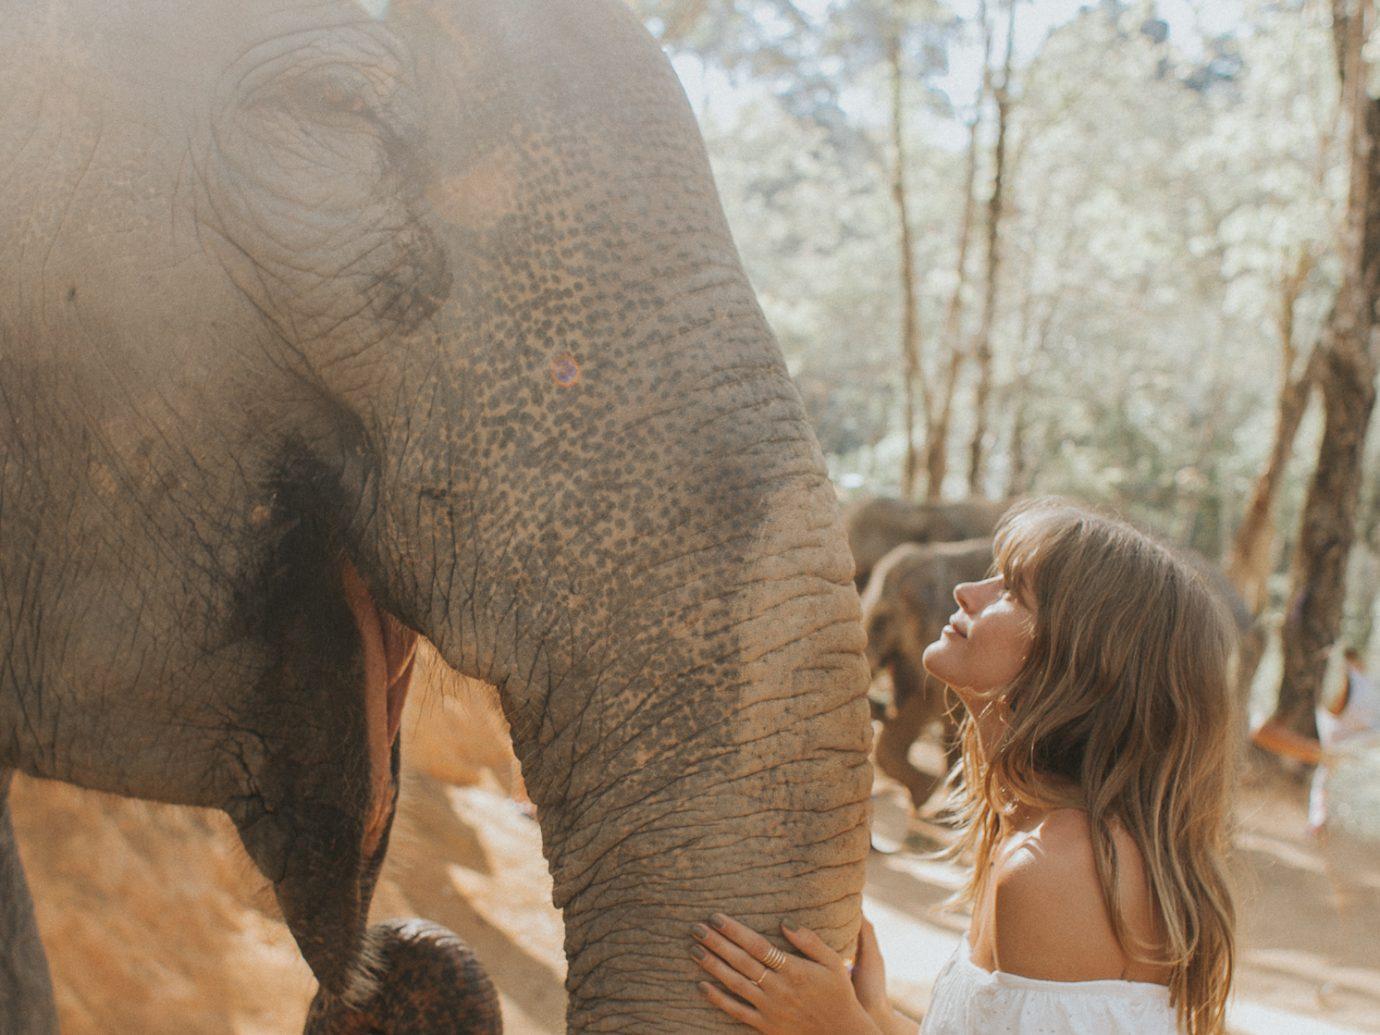 Girl with an elephant